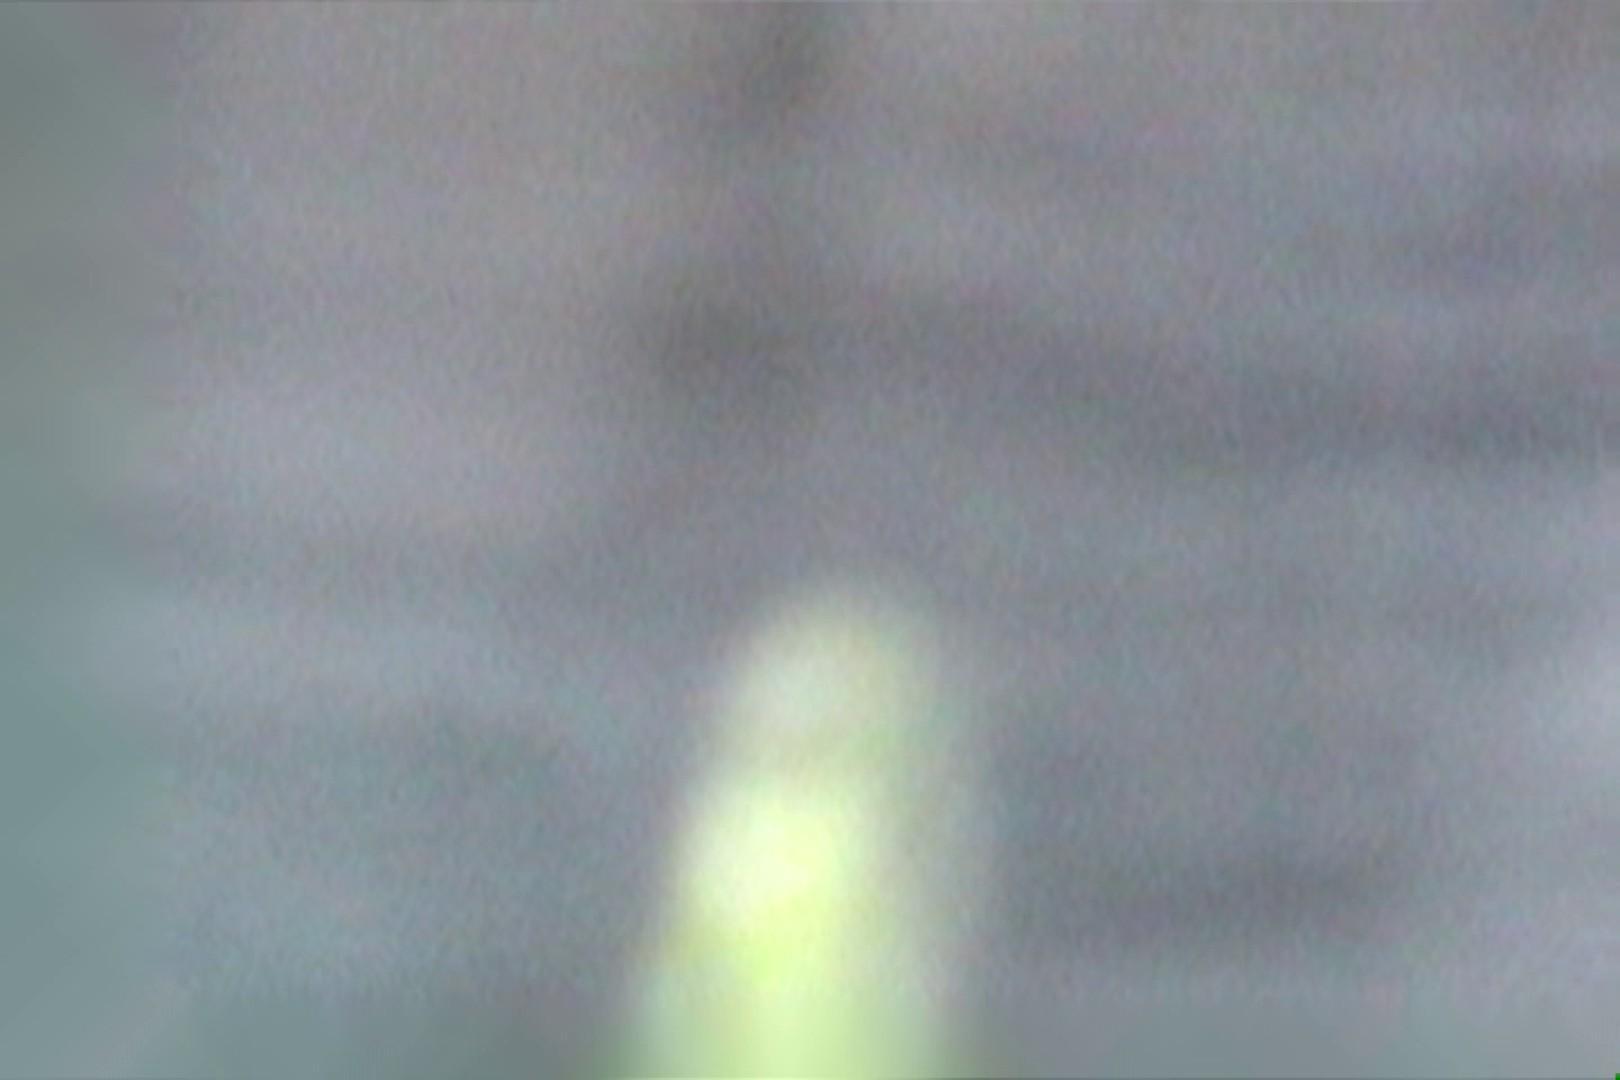 Aquaな露天風呂Vol.574 盗撮  97画像 84